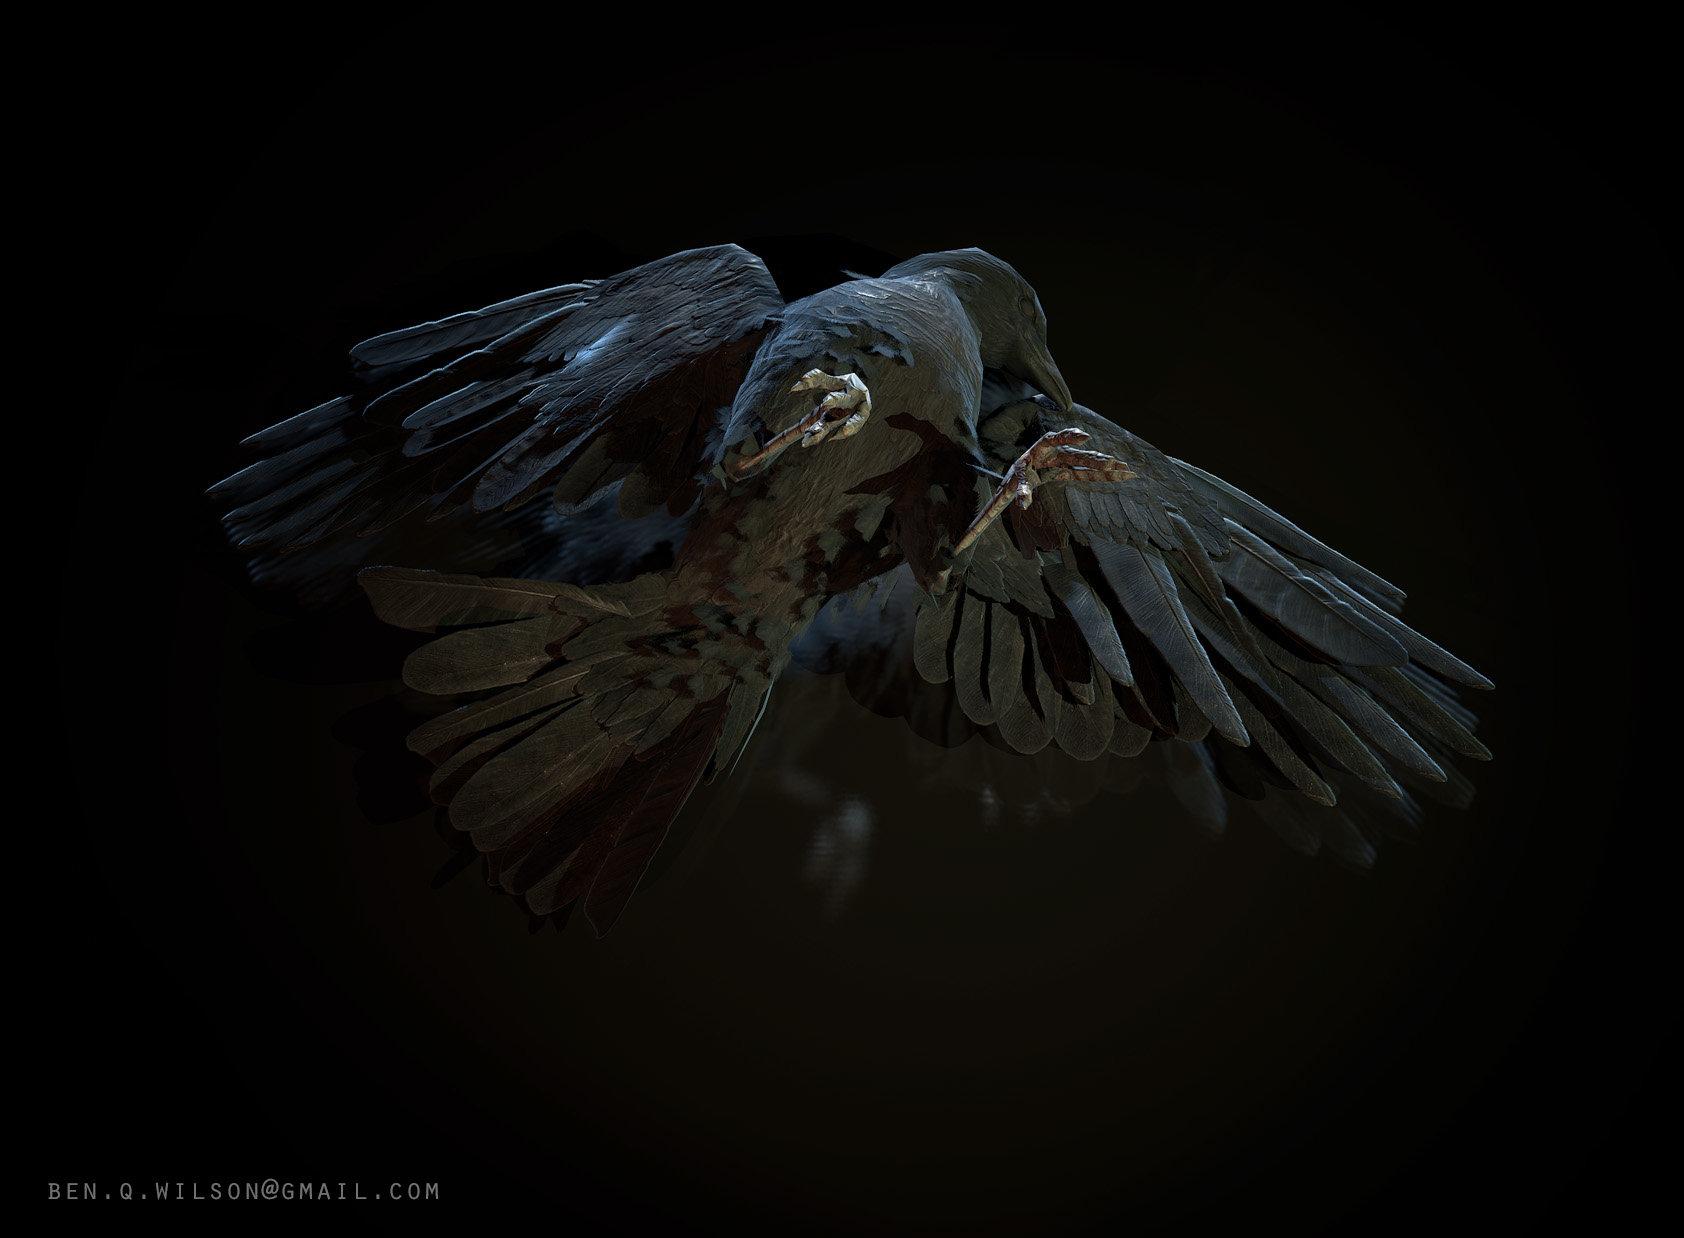 Ben wilson crow b